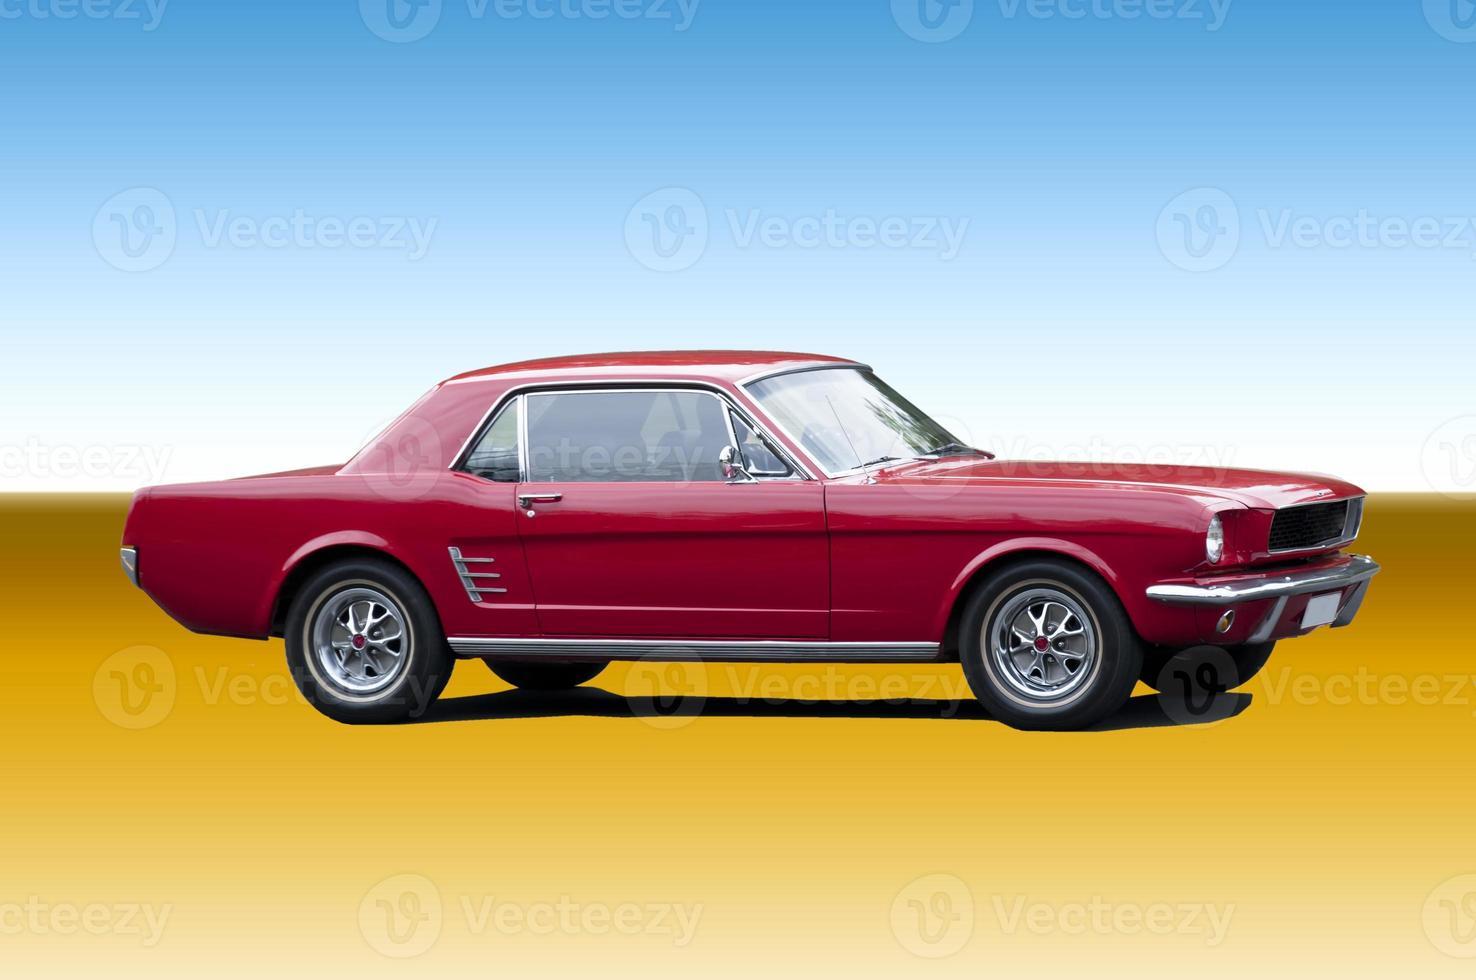 voiture de sport classique rouge photo